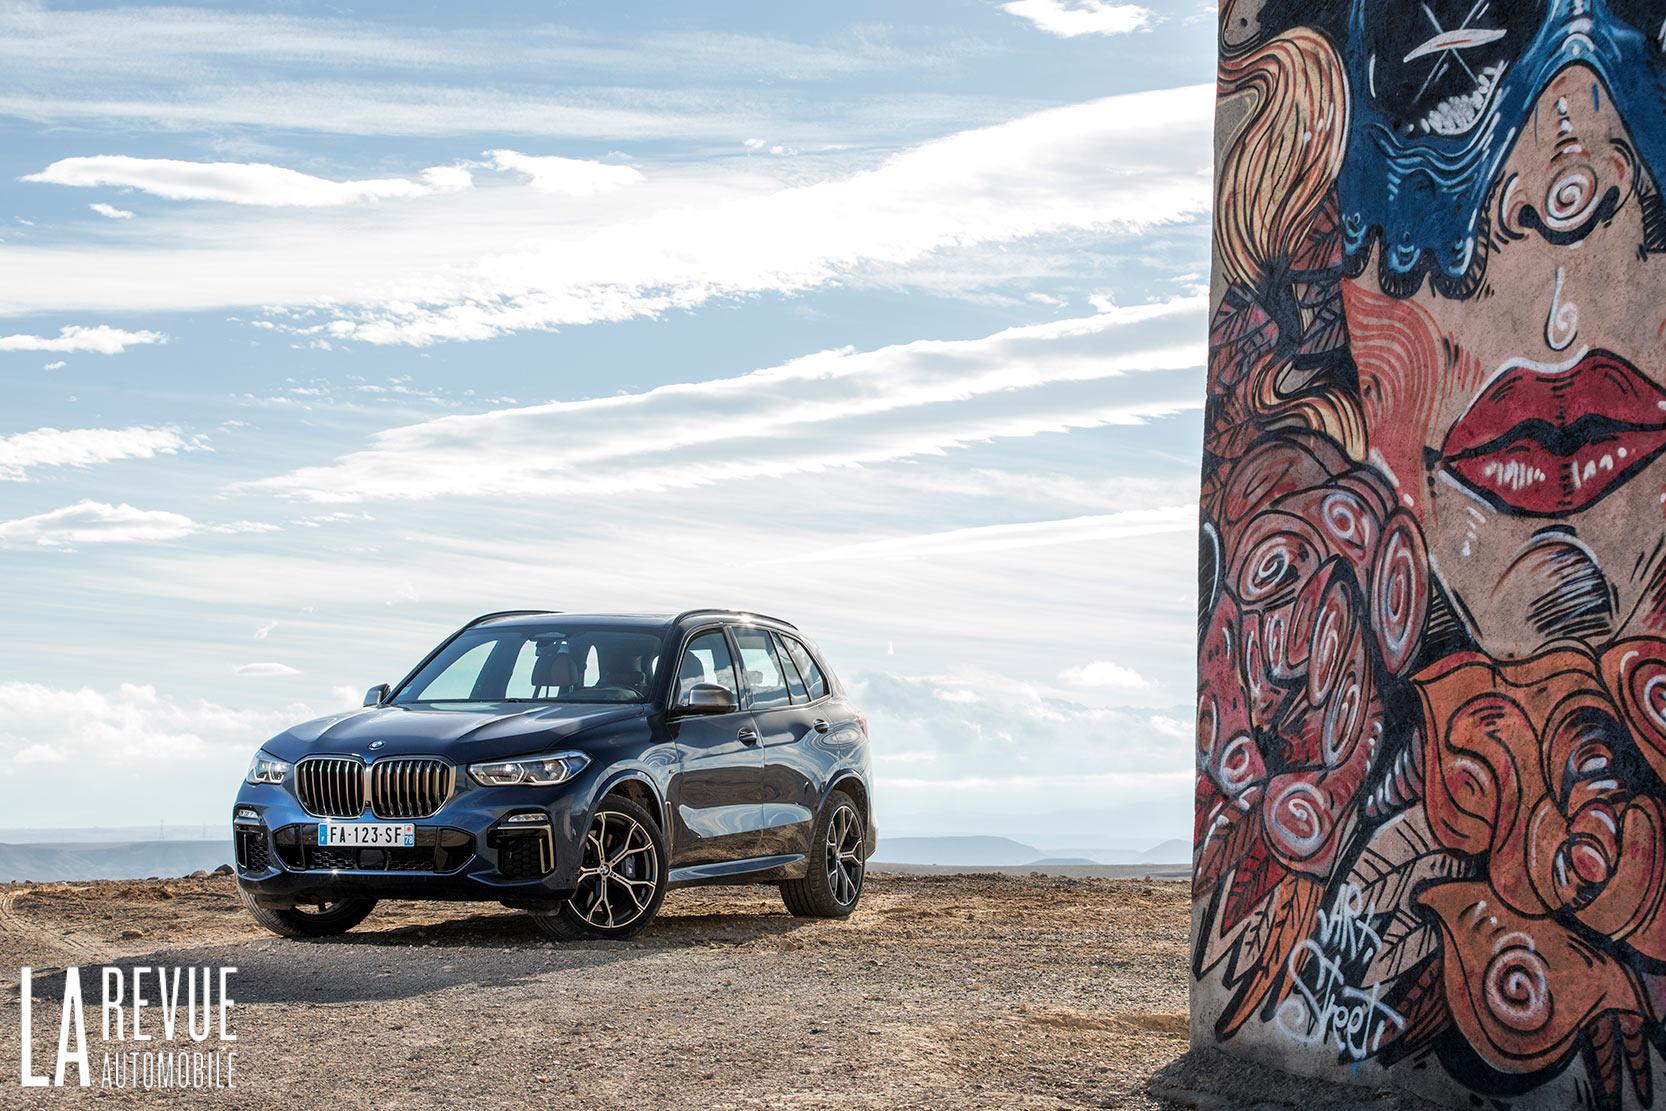 Essai du nouveau BMW X5 et sa version M50d avec son puissant moteur diesel à 4 turbos